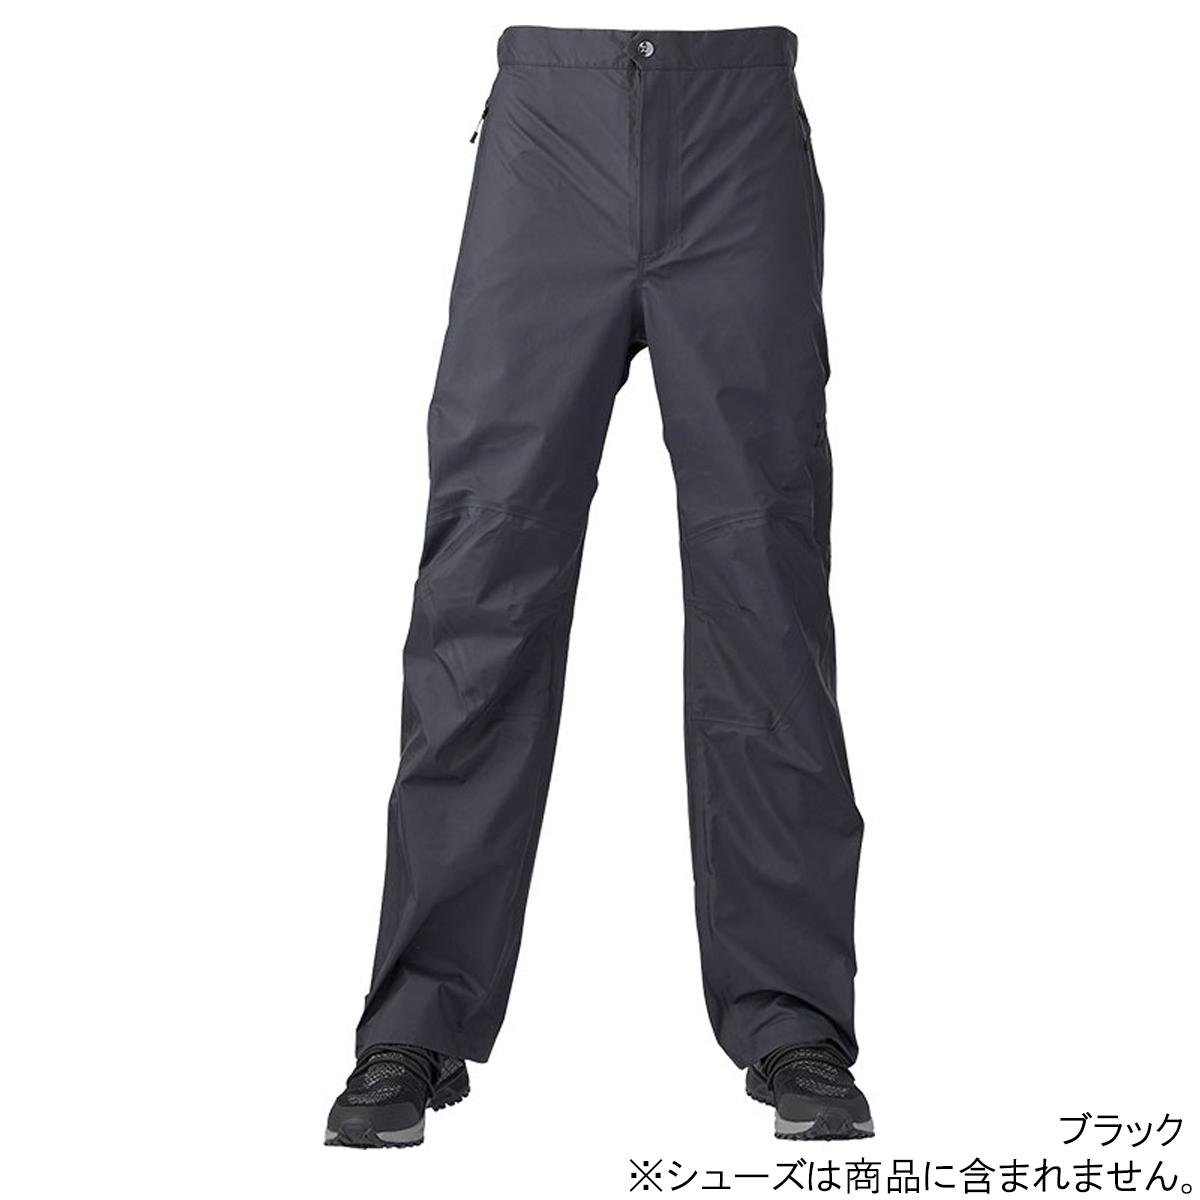 【8日最大8千円オフクーポン!】ダイワ レインマックス レインパンツ DR-25020P L ブラック